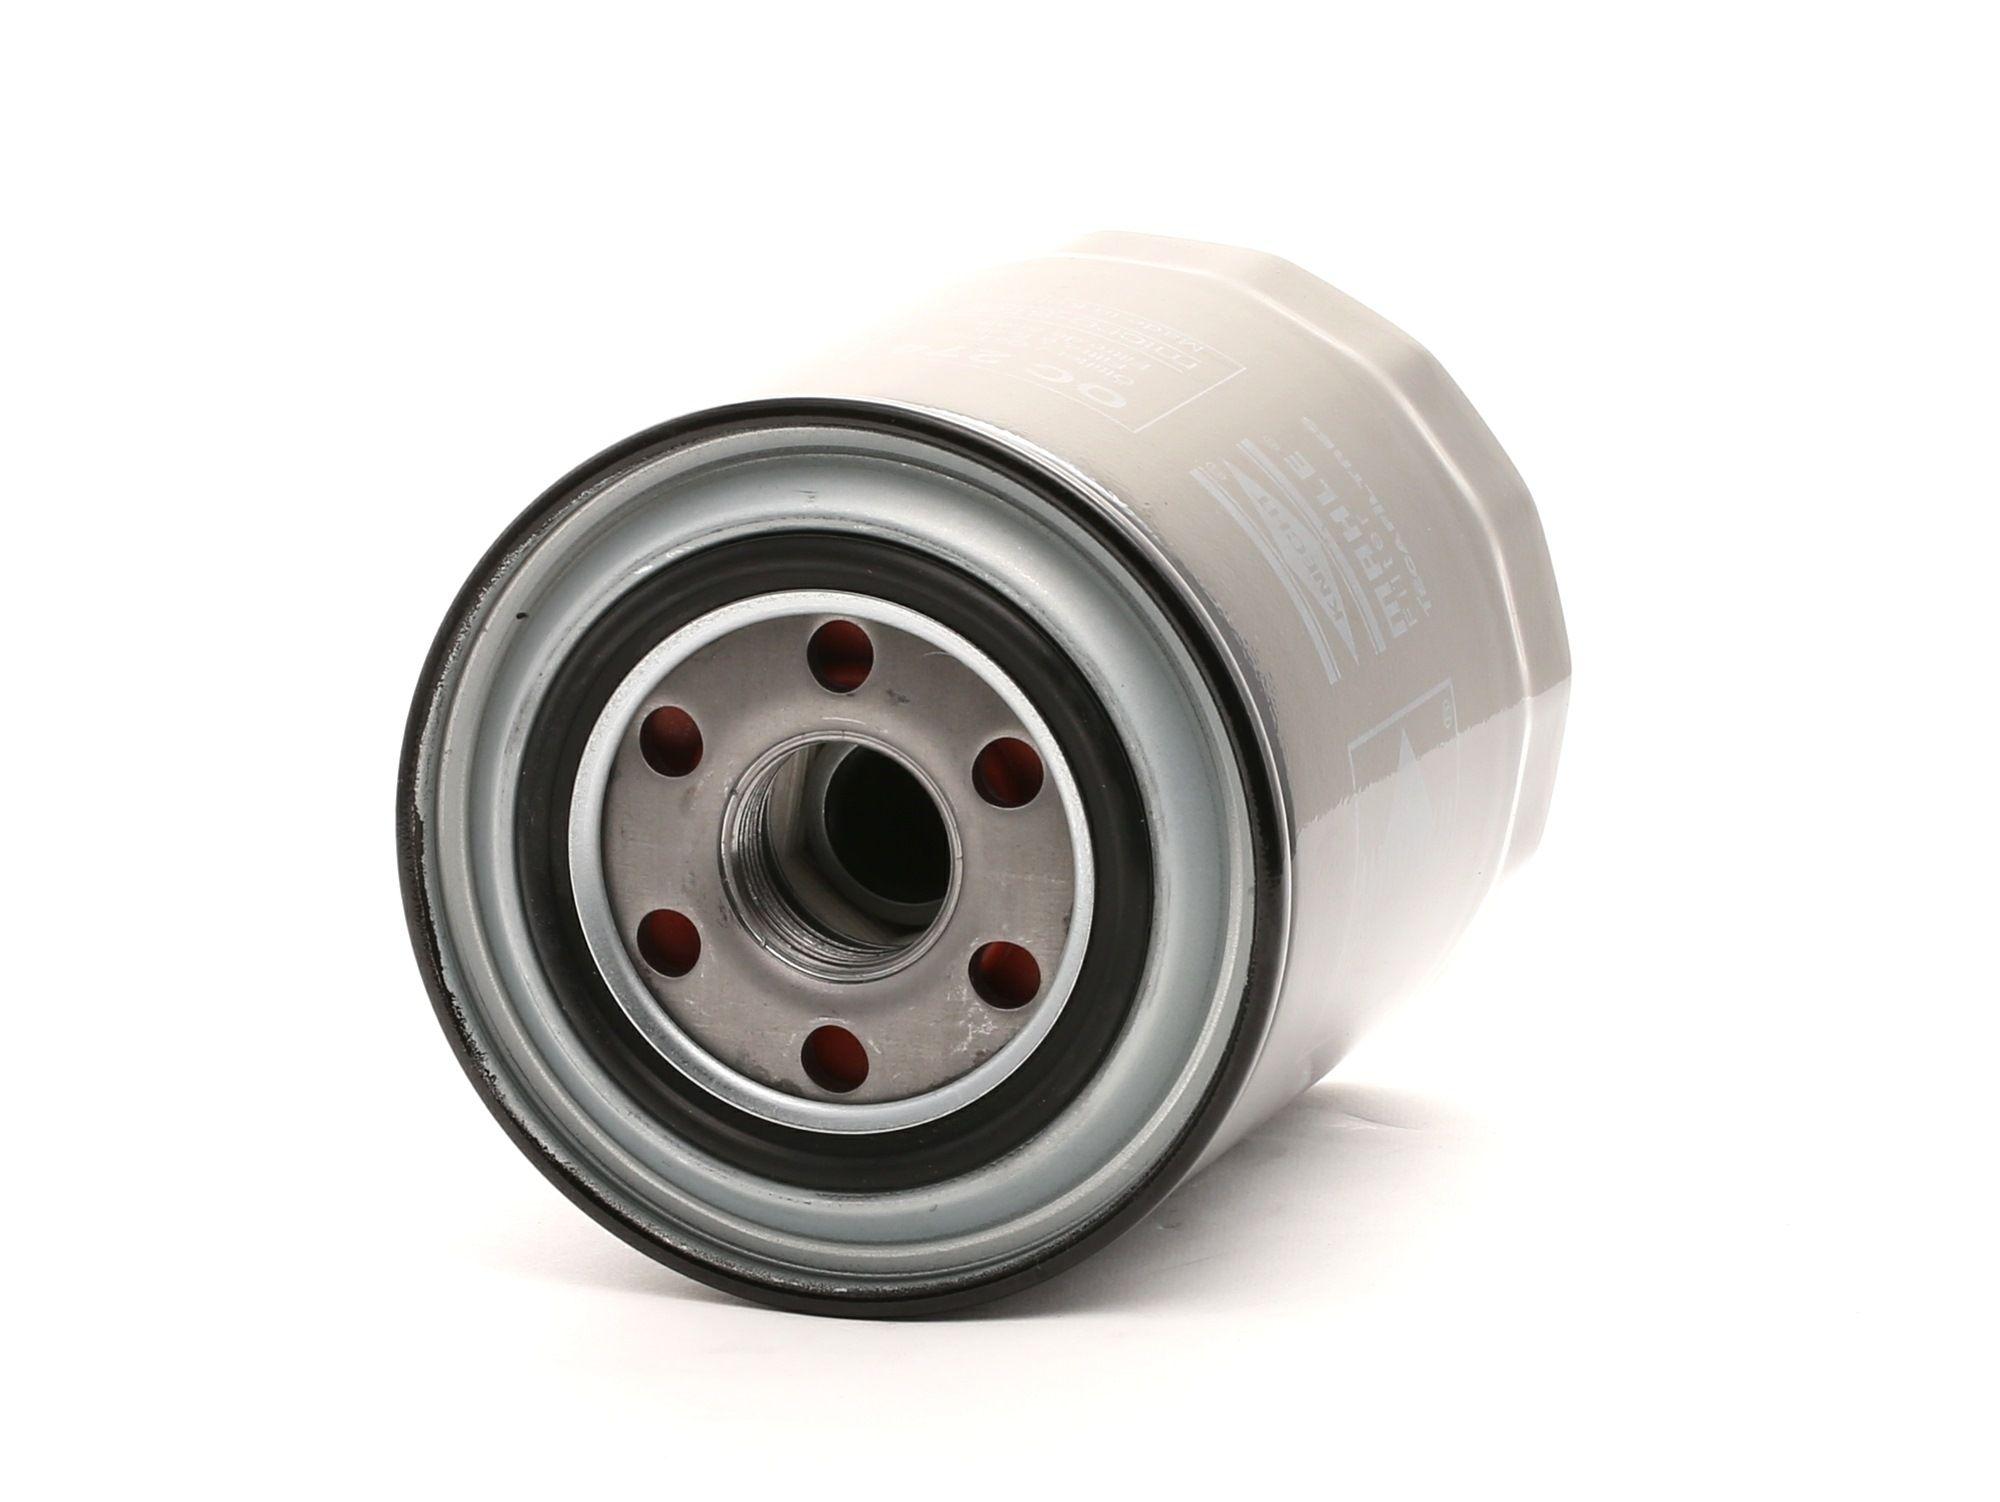 Kia K2500 MAHLE ORIGINAL Filtro de aceite para motor OC 274